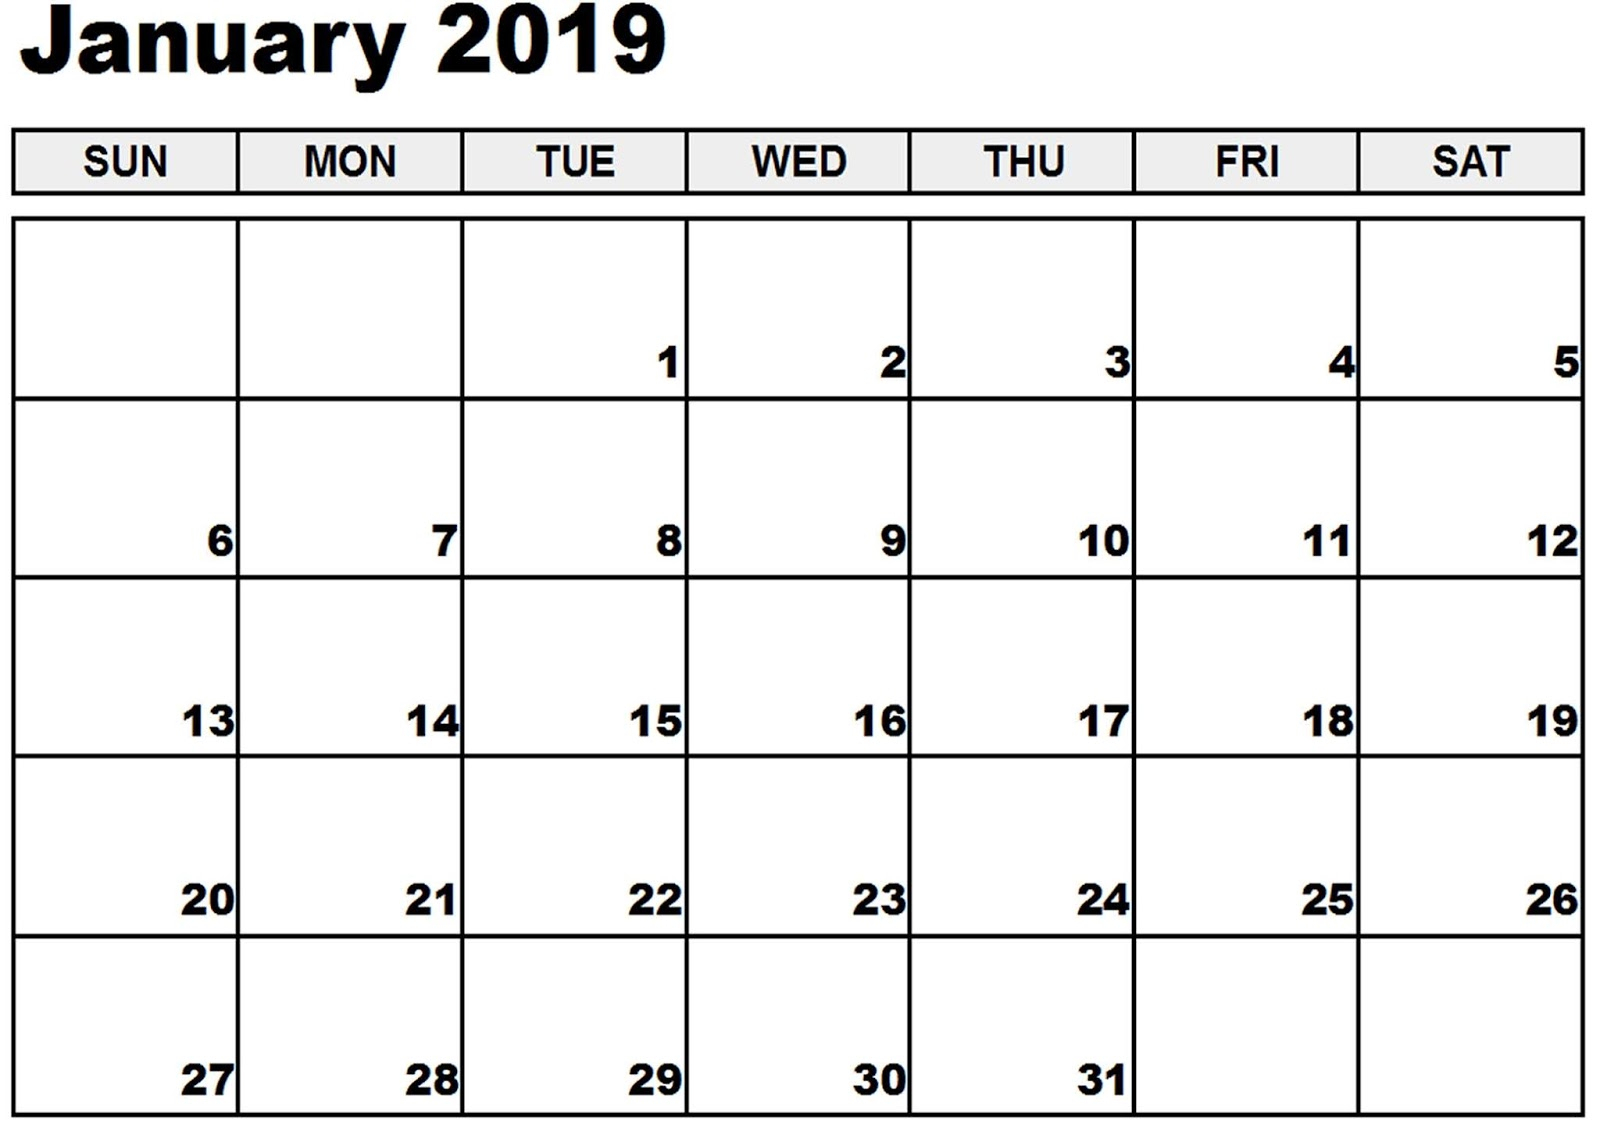 Editable January 2019 Calendar Blank Template - Printable Calendar regarding Free Fillable Blank Calendar Templates